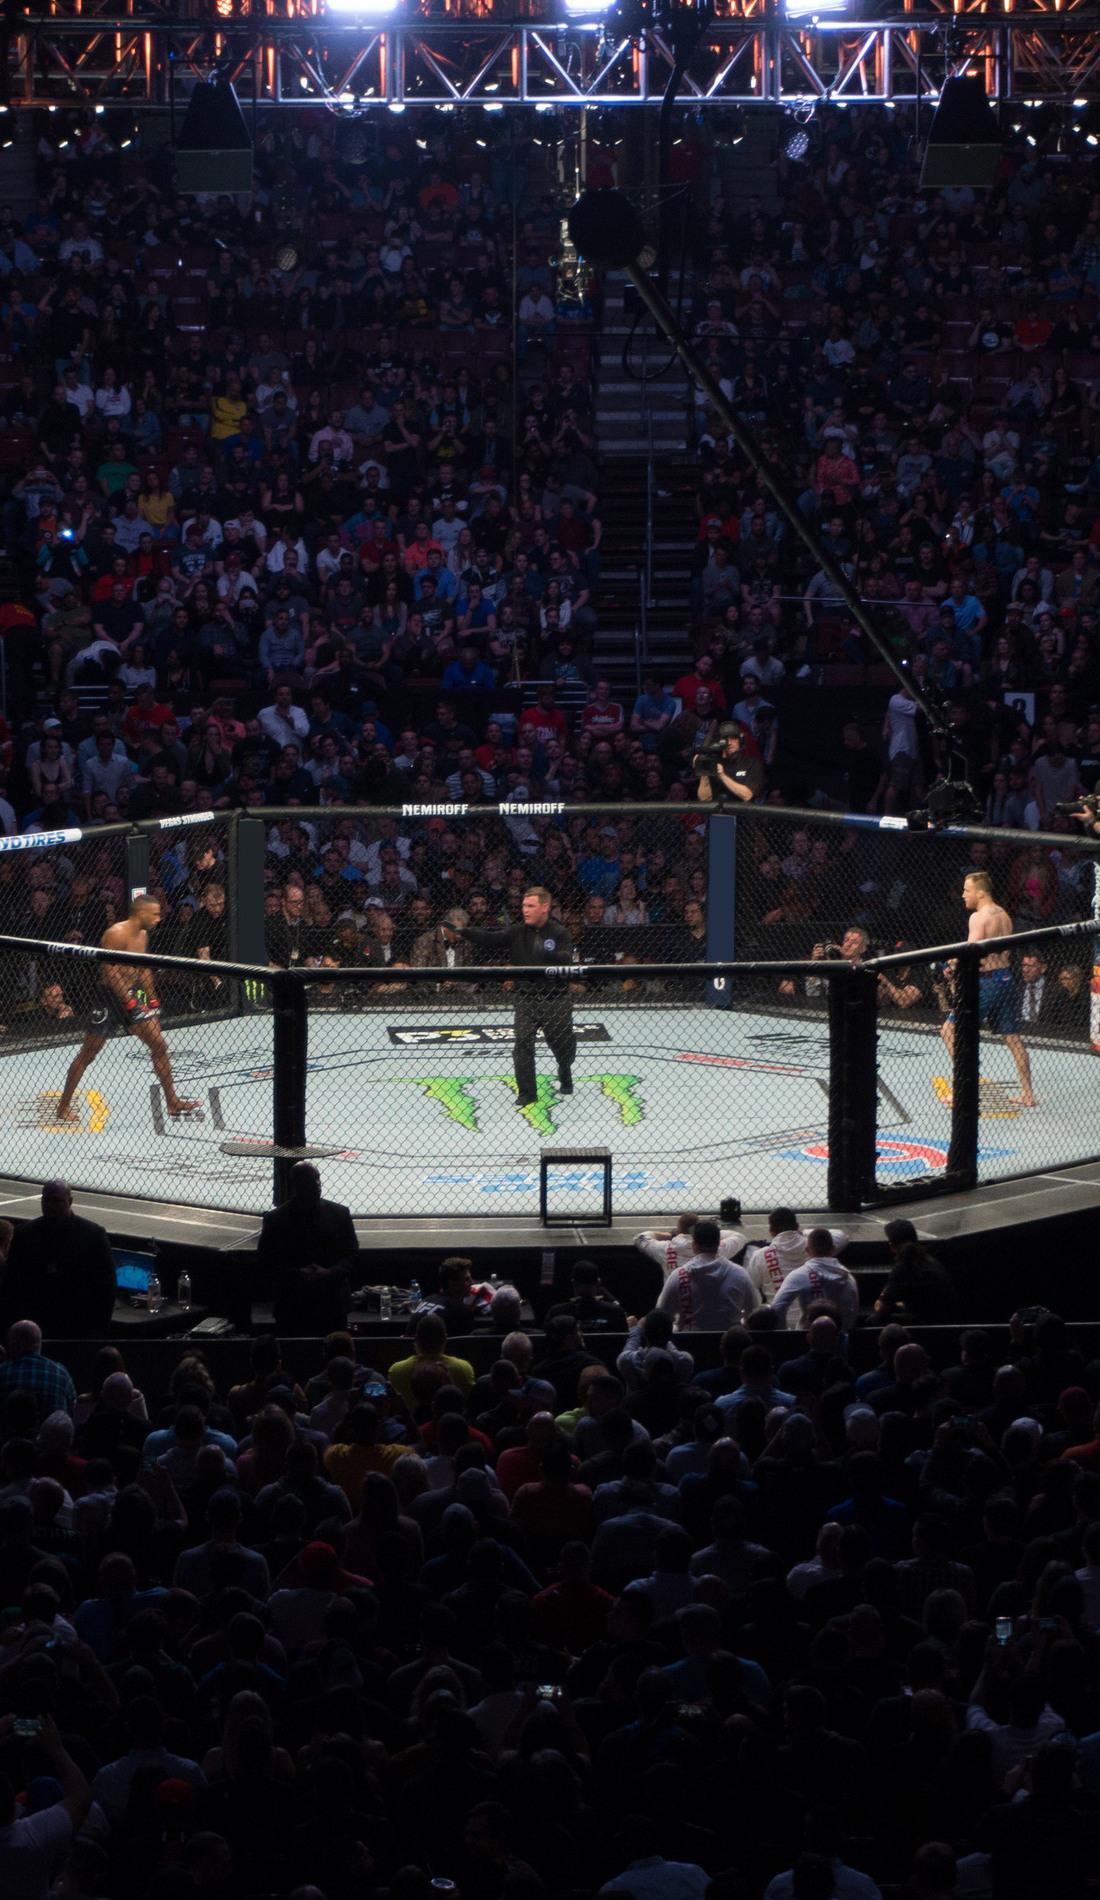 A UFC live event